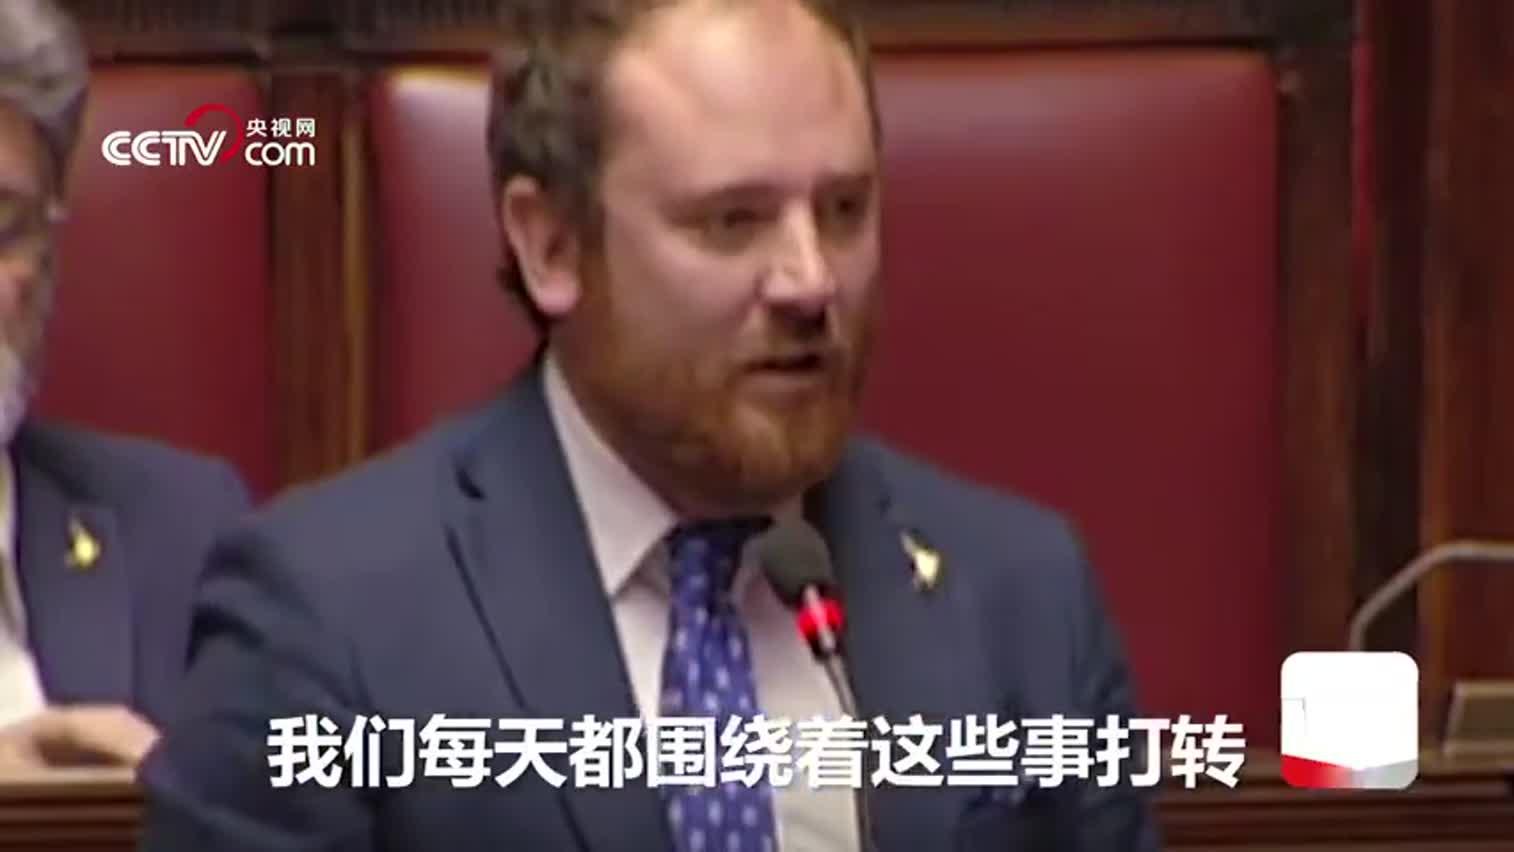 视频-意大利议会现场议员求婚 议长一脸严肃:不合